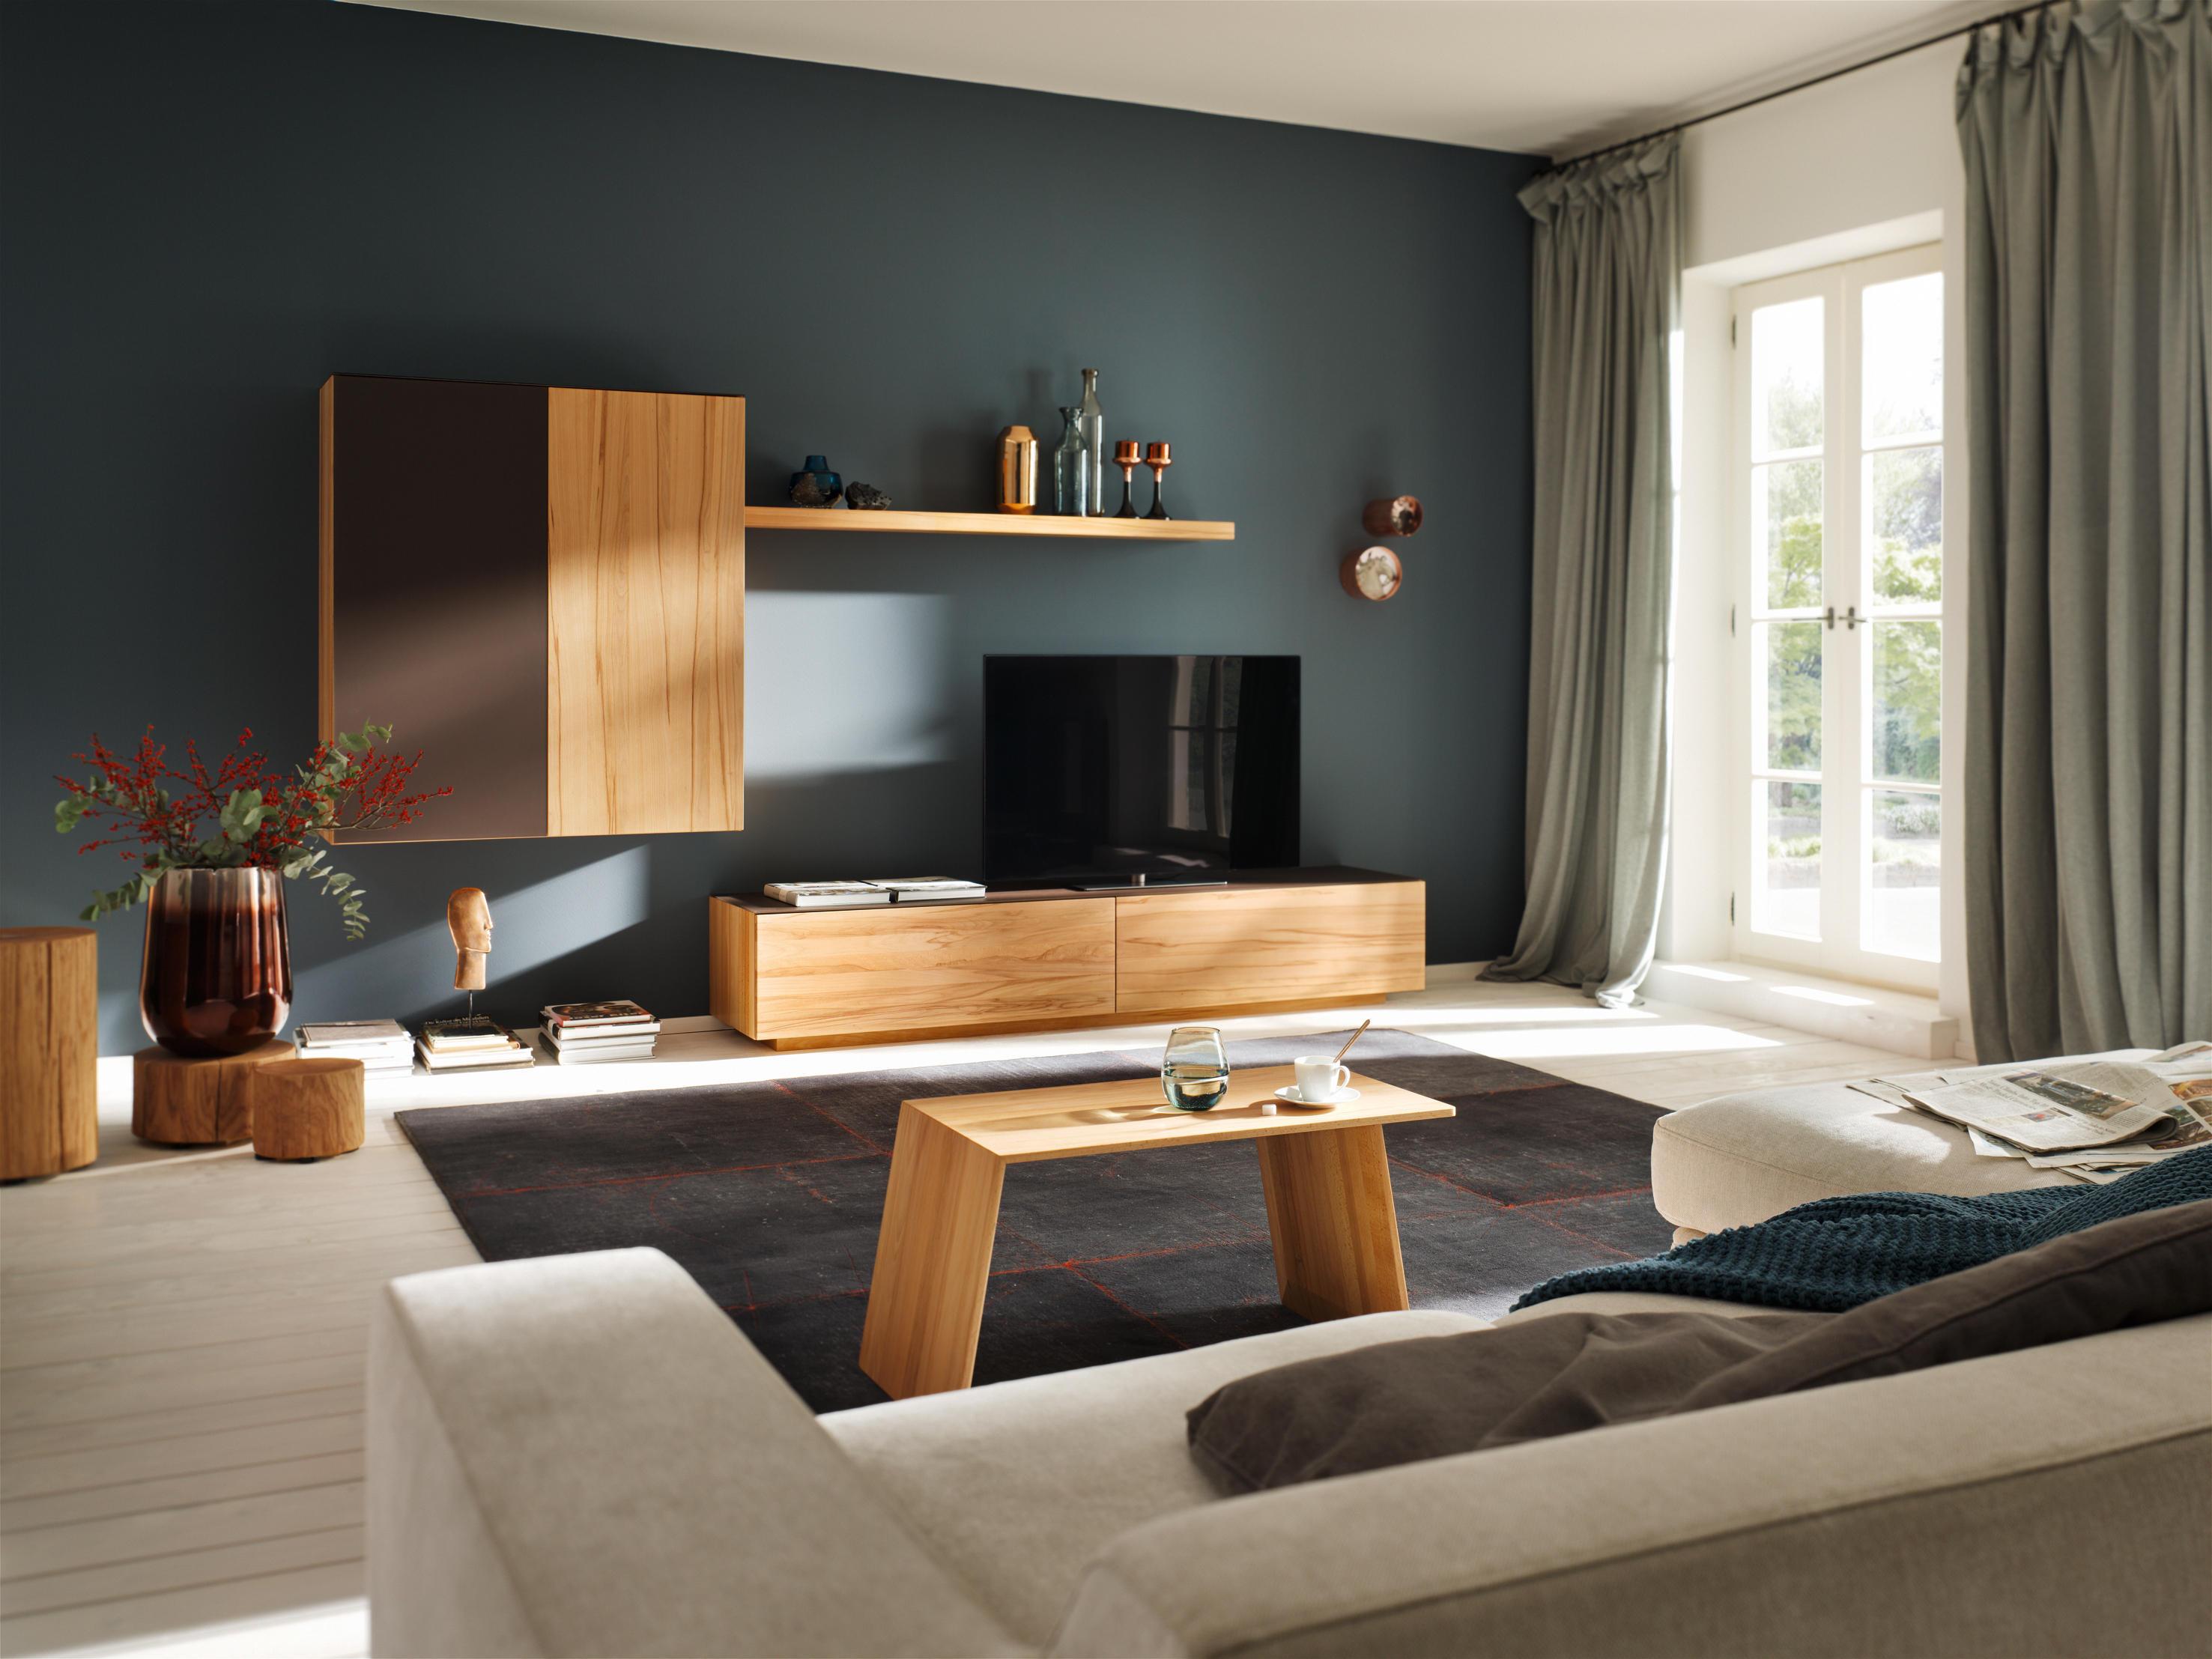 Frisch Wandfarbe Wohnzimmer Graues sofa Schema